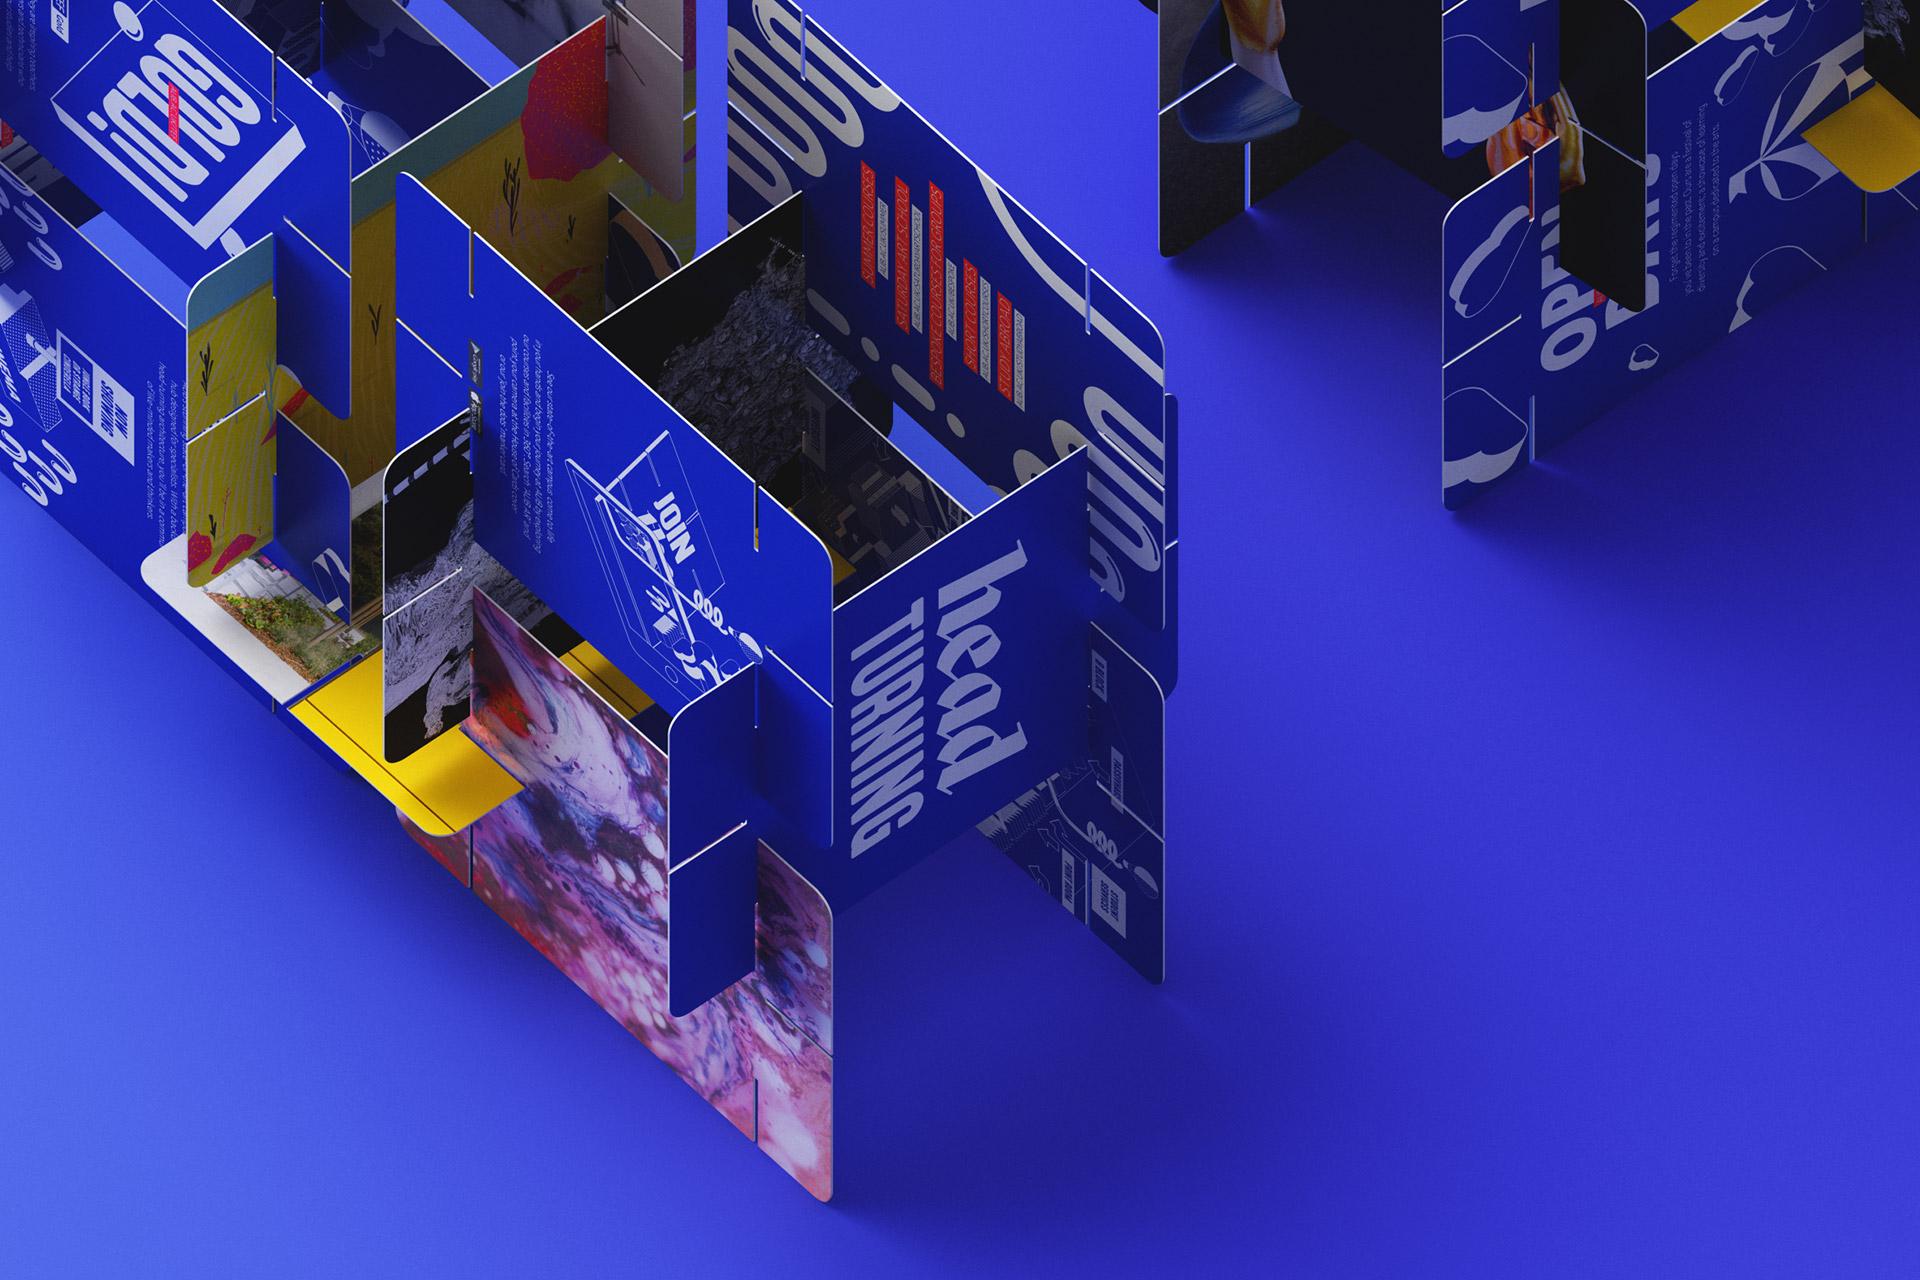 arts-university-bournemouth-cgi-visualisation-06